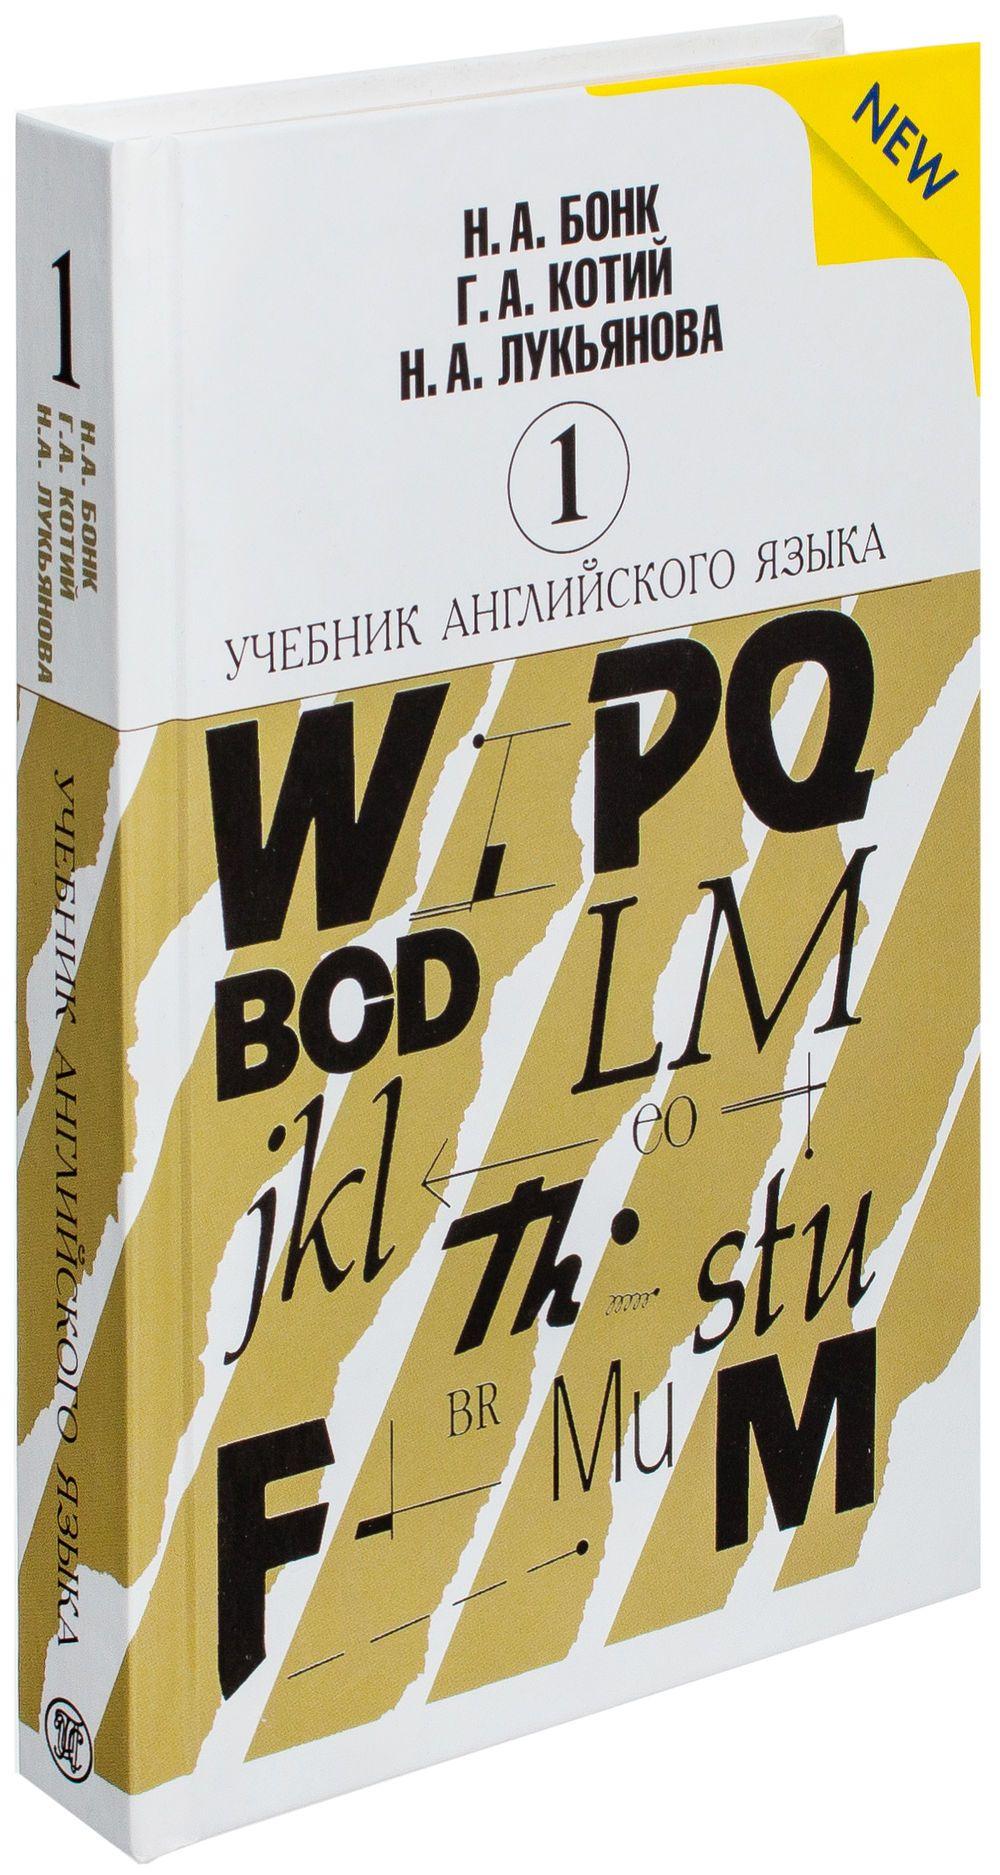 Решебник по английскому языку 10 класс н.а.бонк